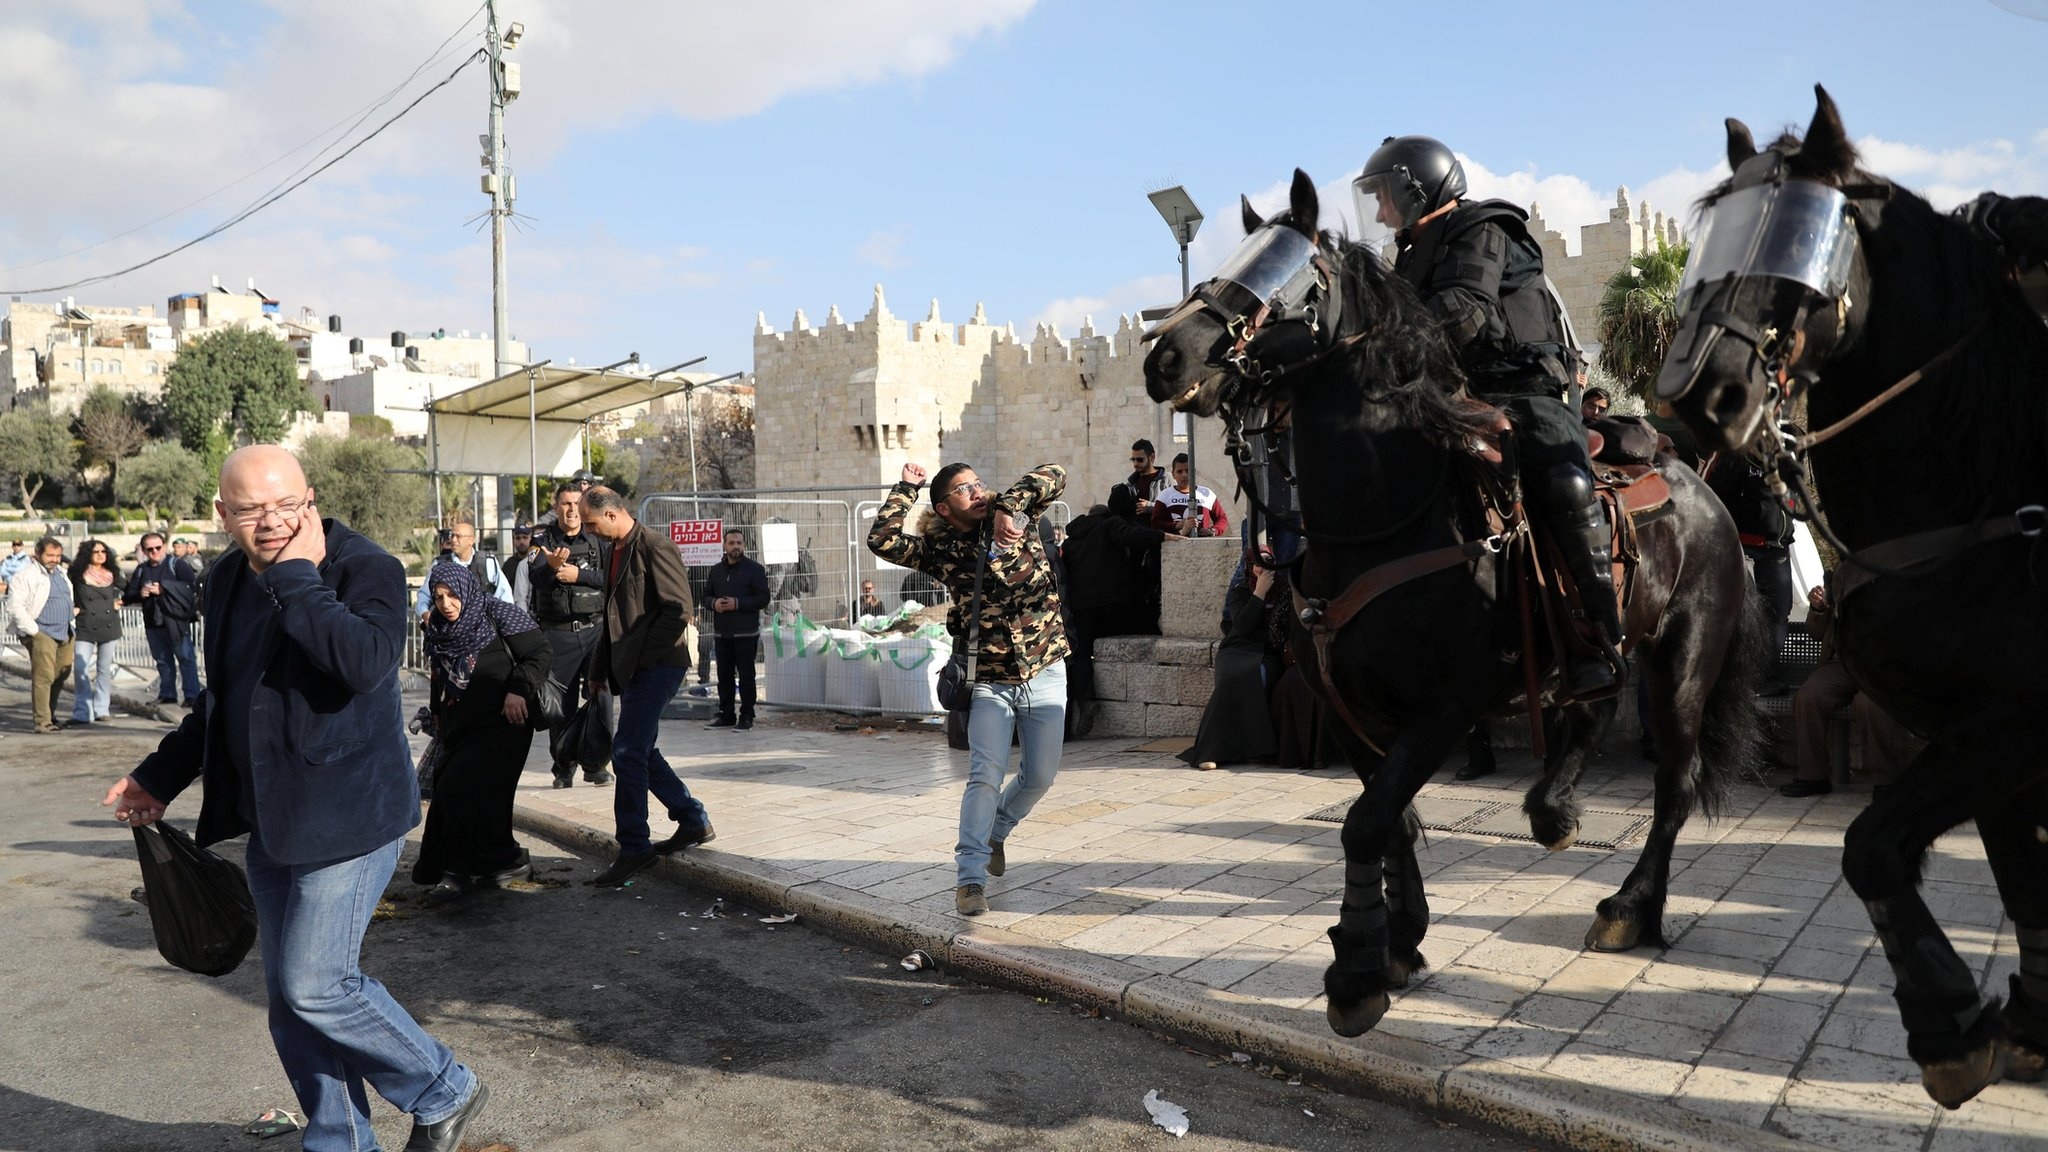 مواجهات بين قوات الأمن الإسرائيلية ومتظاهرين في الأراضي الفلسطينية